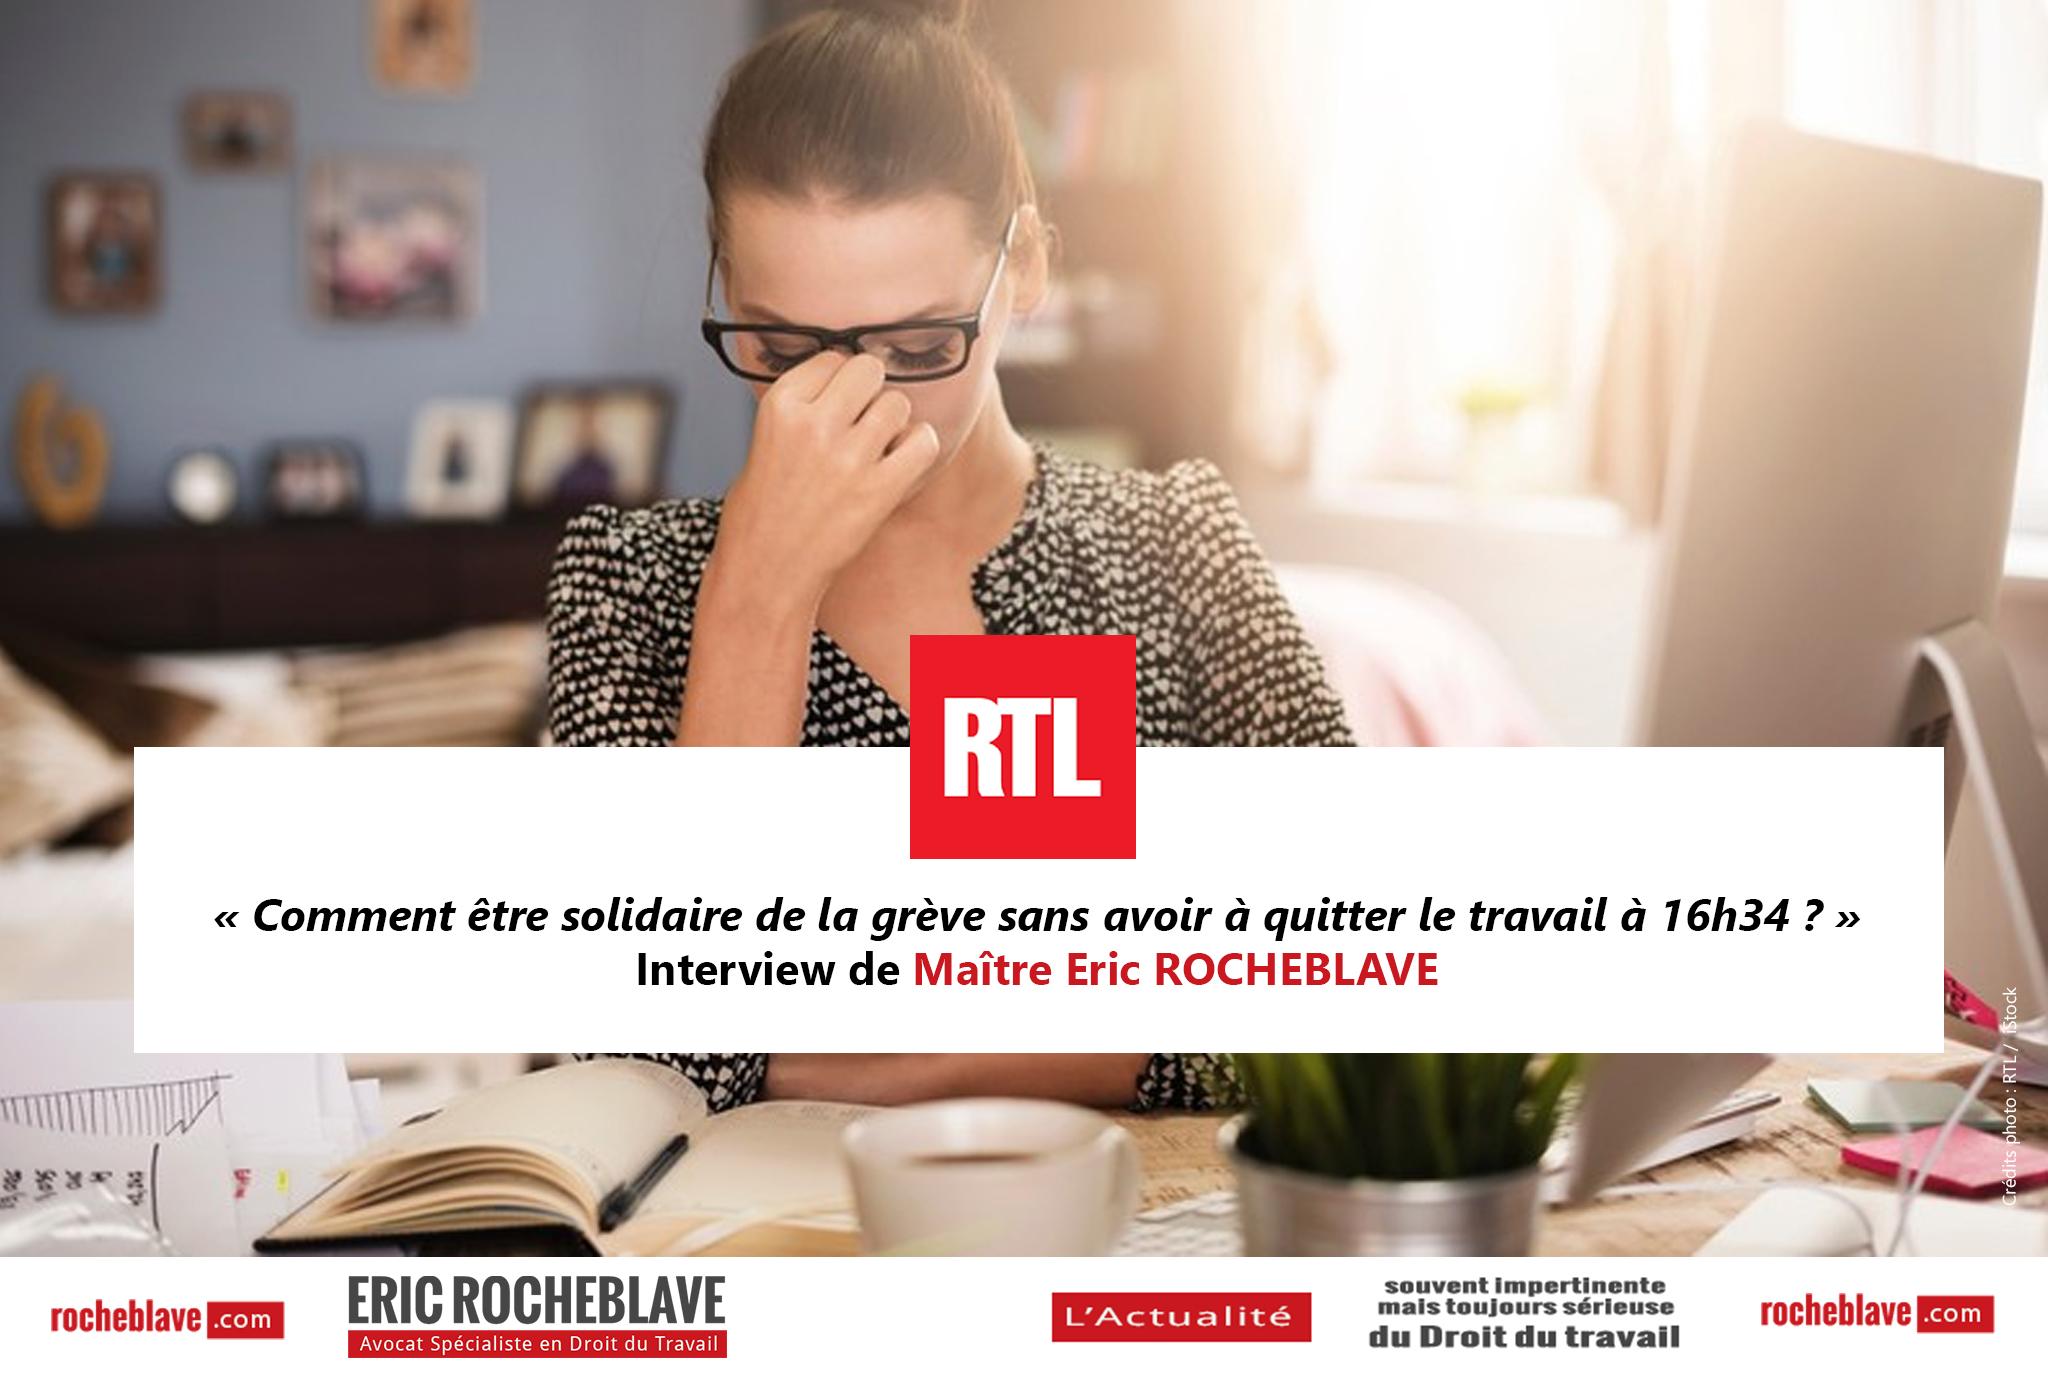 « Comment être solidaire de la grève sans avoir à quitter le travail à 16h34 ? » Interview de Maître Eric ROCHEBLAVE | RTL